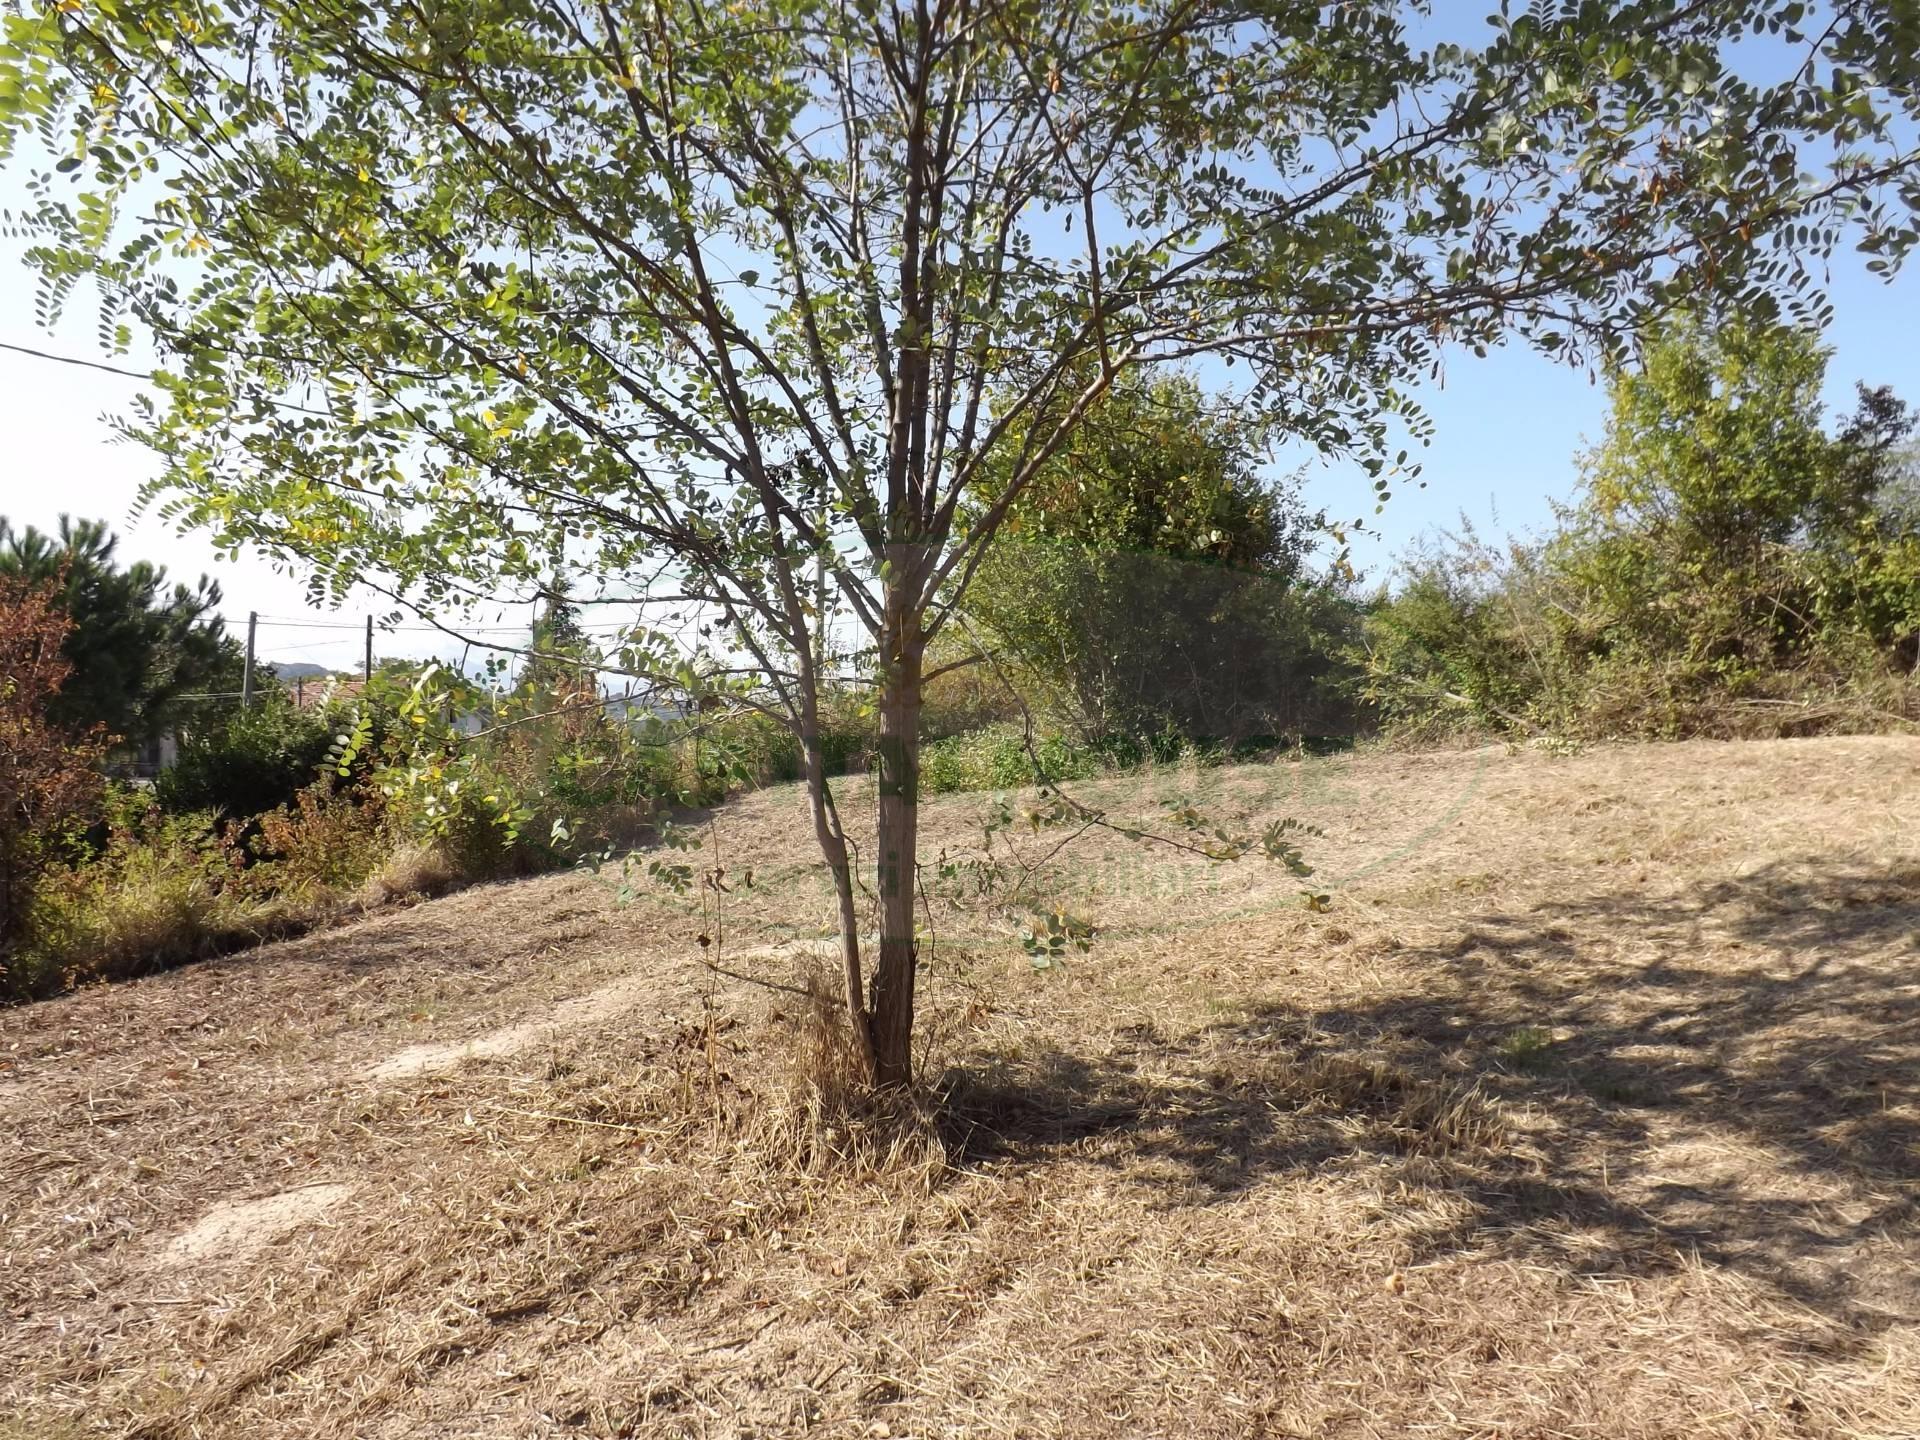 Terreno Agricolo in vendita a Manocalzati, 9999 locali, prezzo € 26.000 | CambioCasa.it